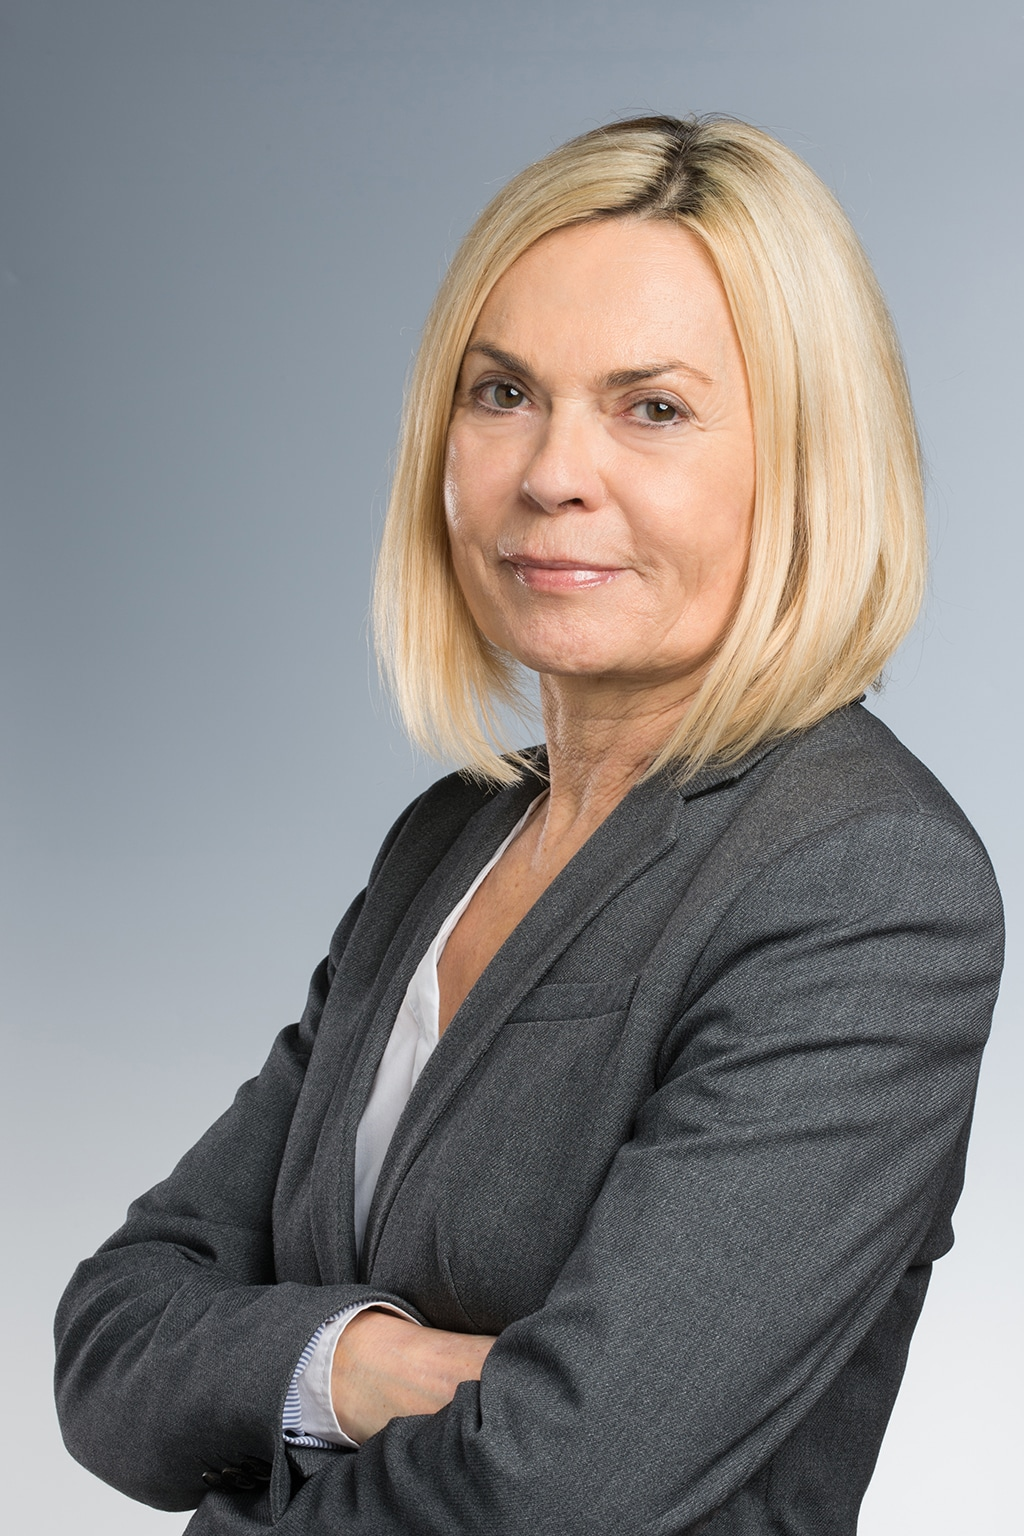 Petra Naoum, Veranstaltungsmanagementservice, Deutsches Zentrum für Luft- und Raumfahrt e. V.